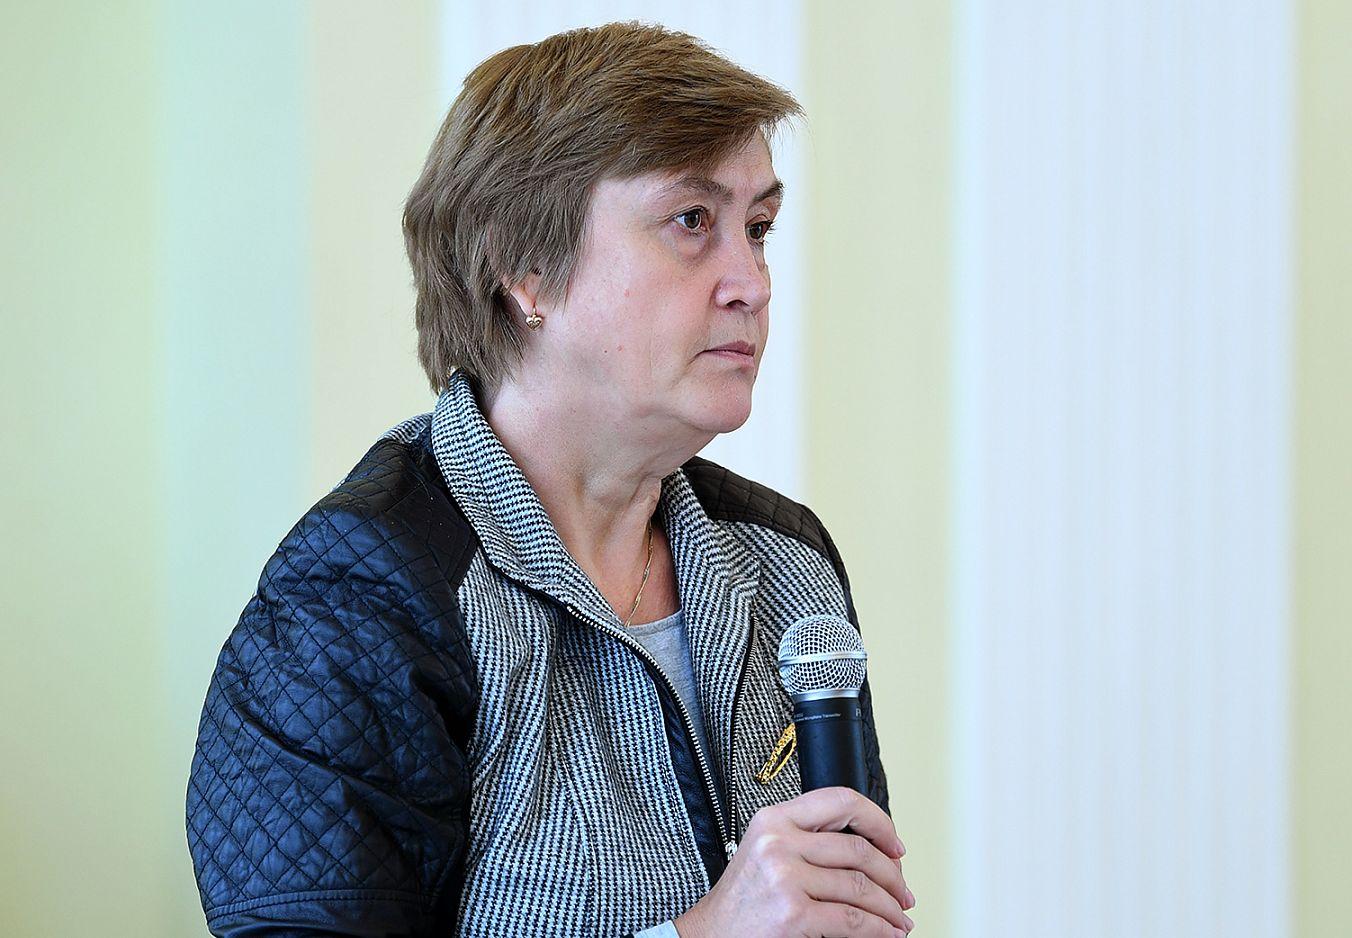 Галина Лапушинская: Поддержка бизнеса должна быть направлена на стимулирование спроса на товары и услуги